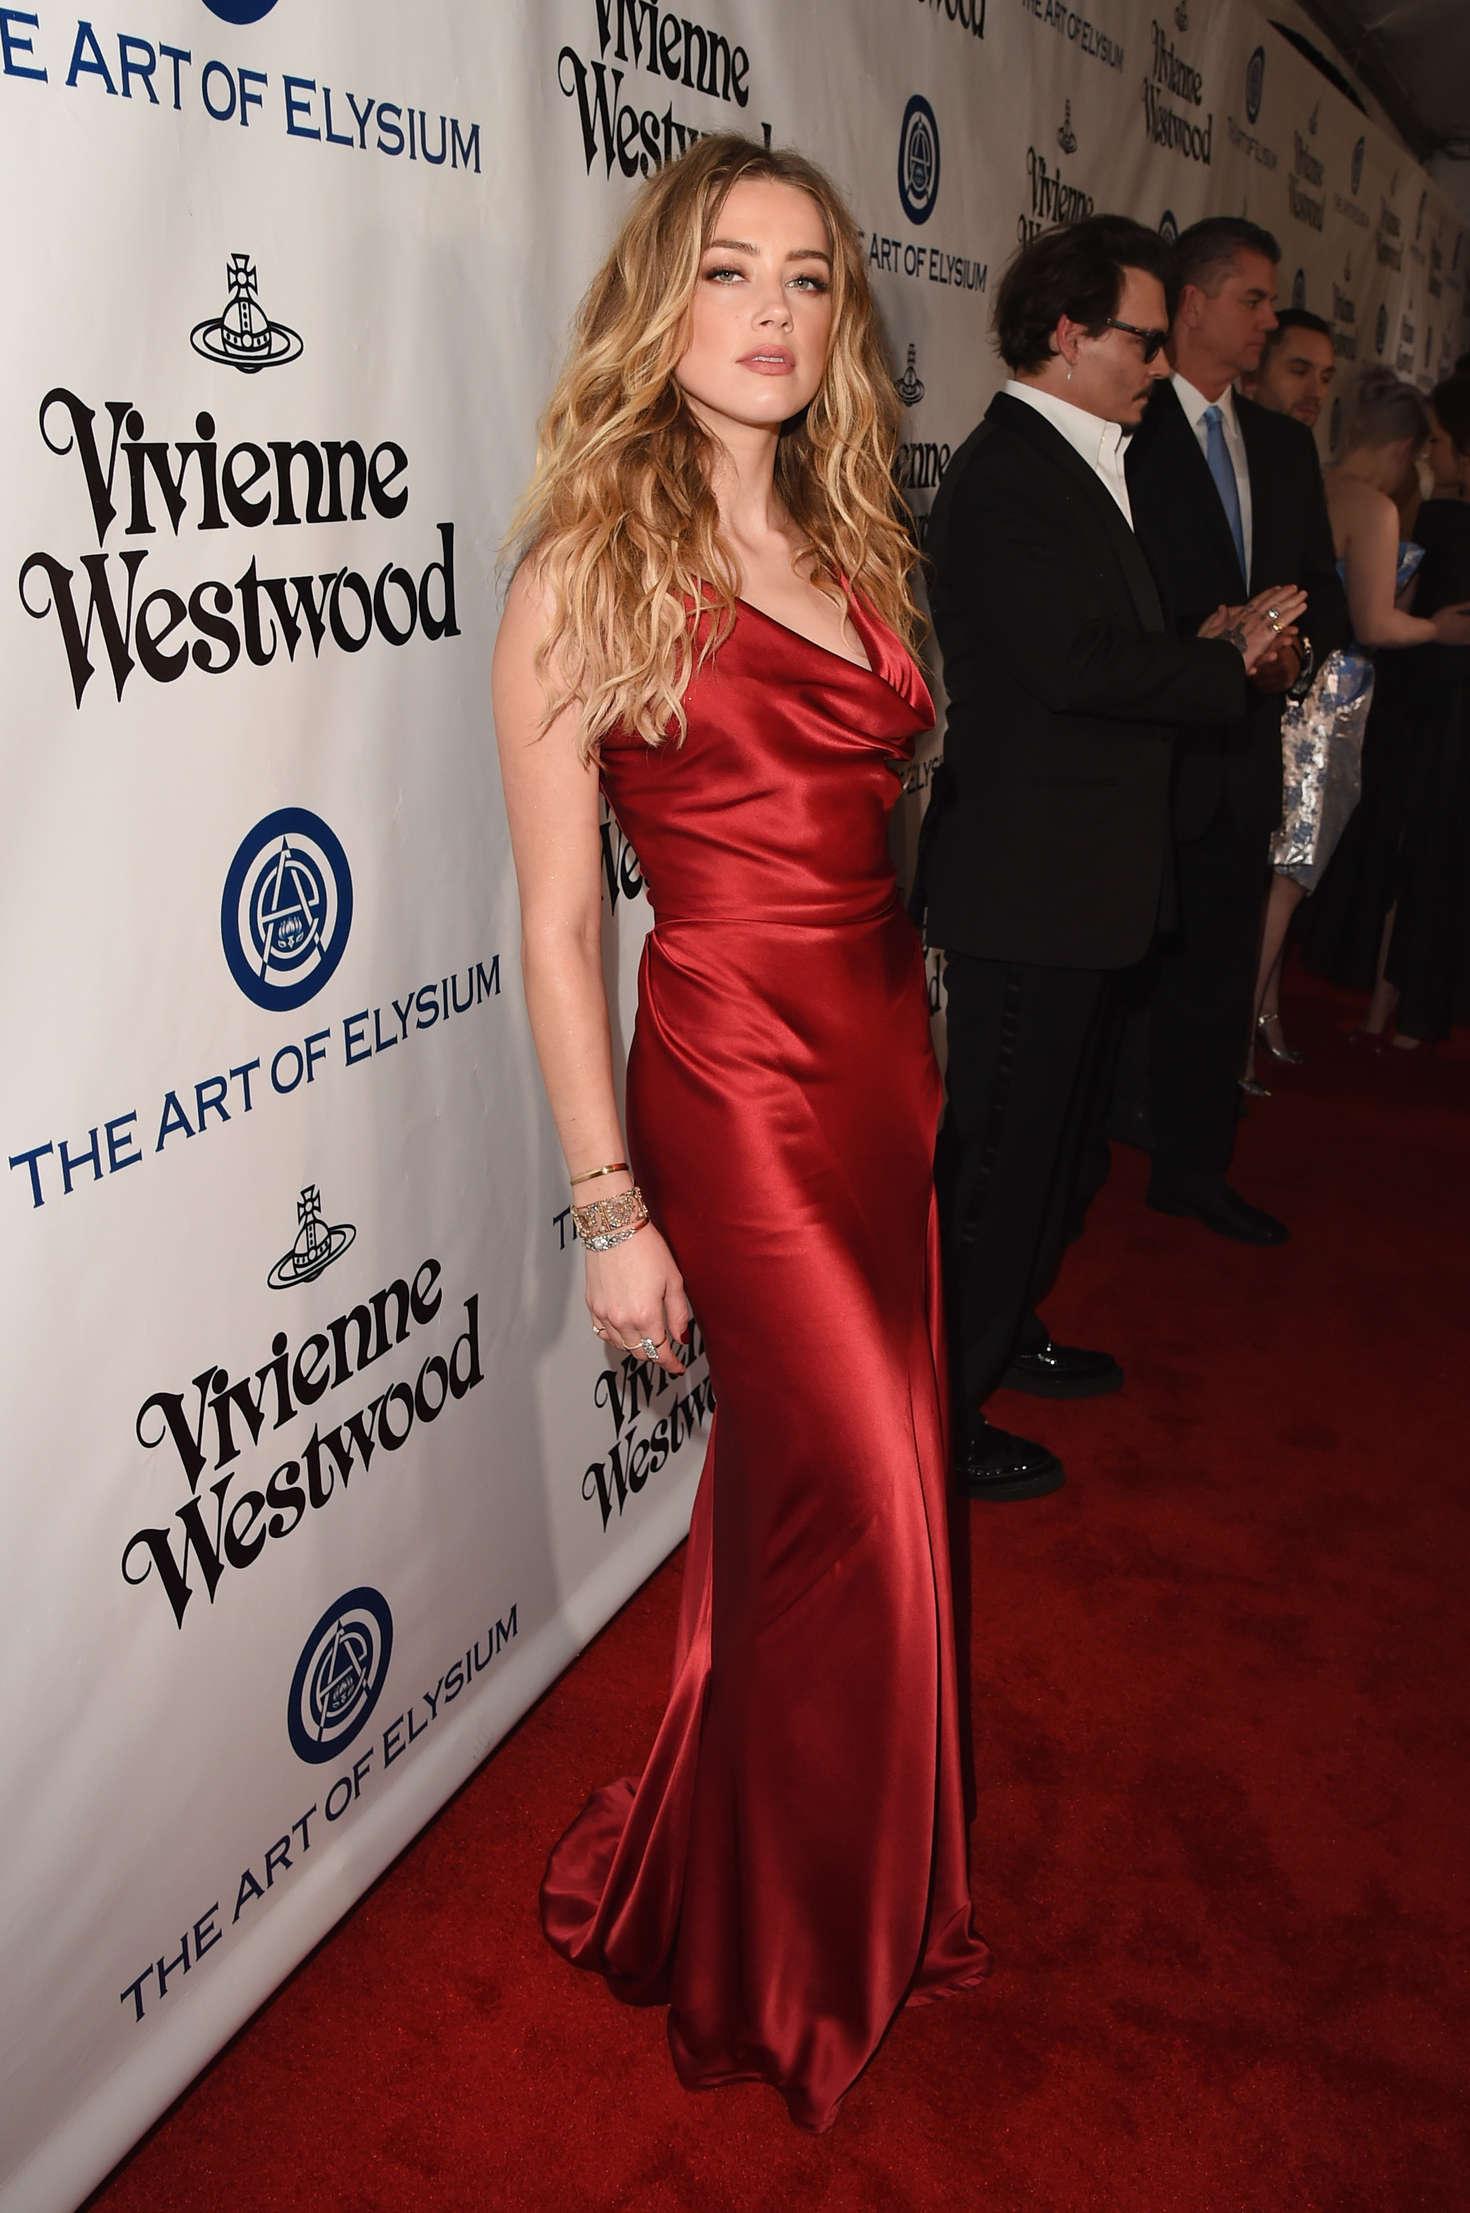 Amber Heard 2016 : Amber Heard: The Art of Elysium 2016 HEAVEN Gala -10